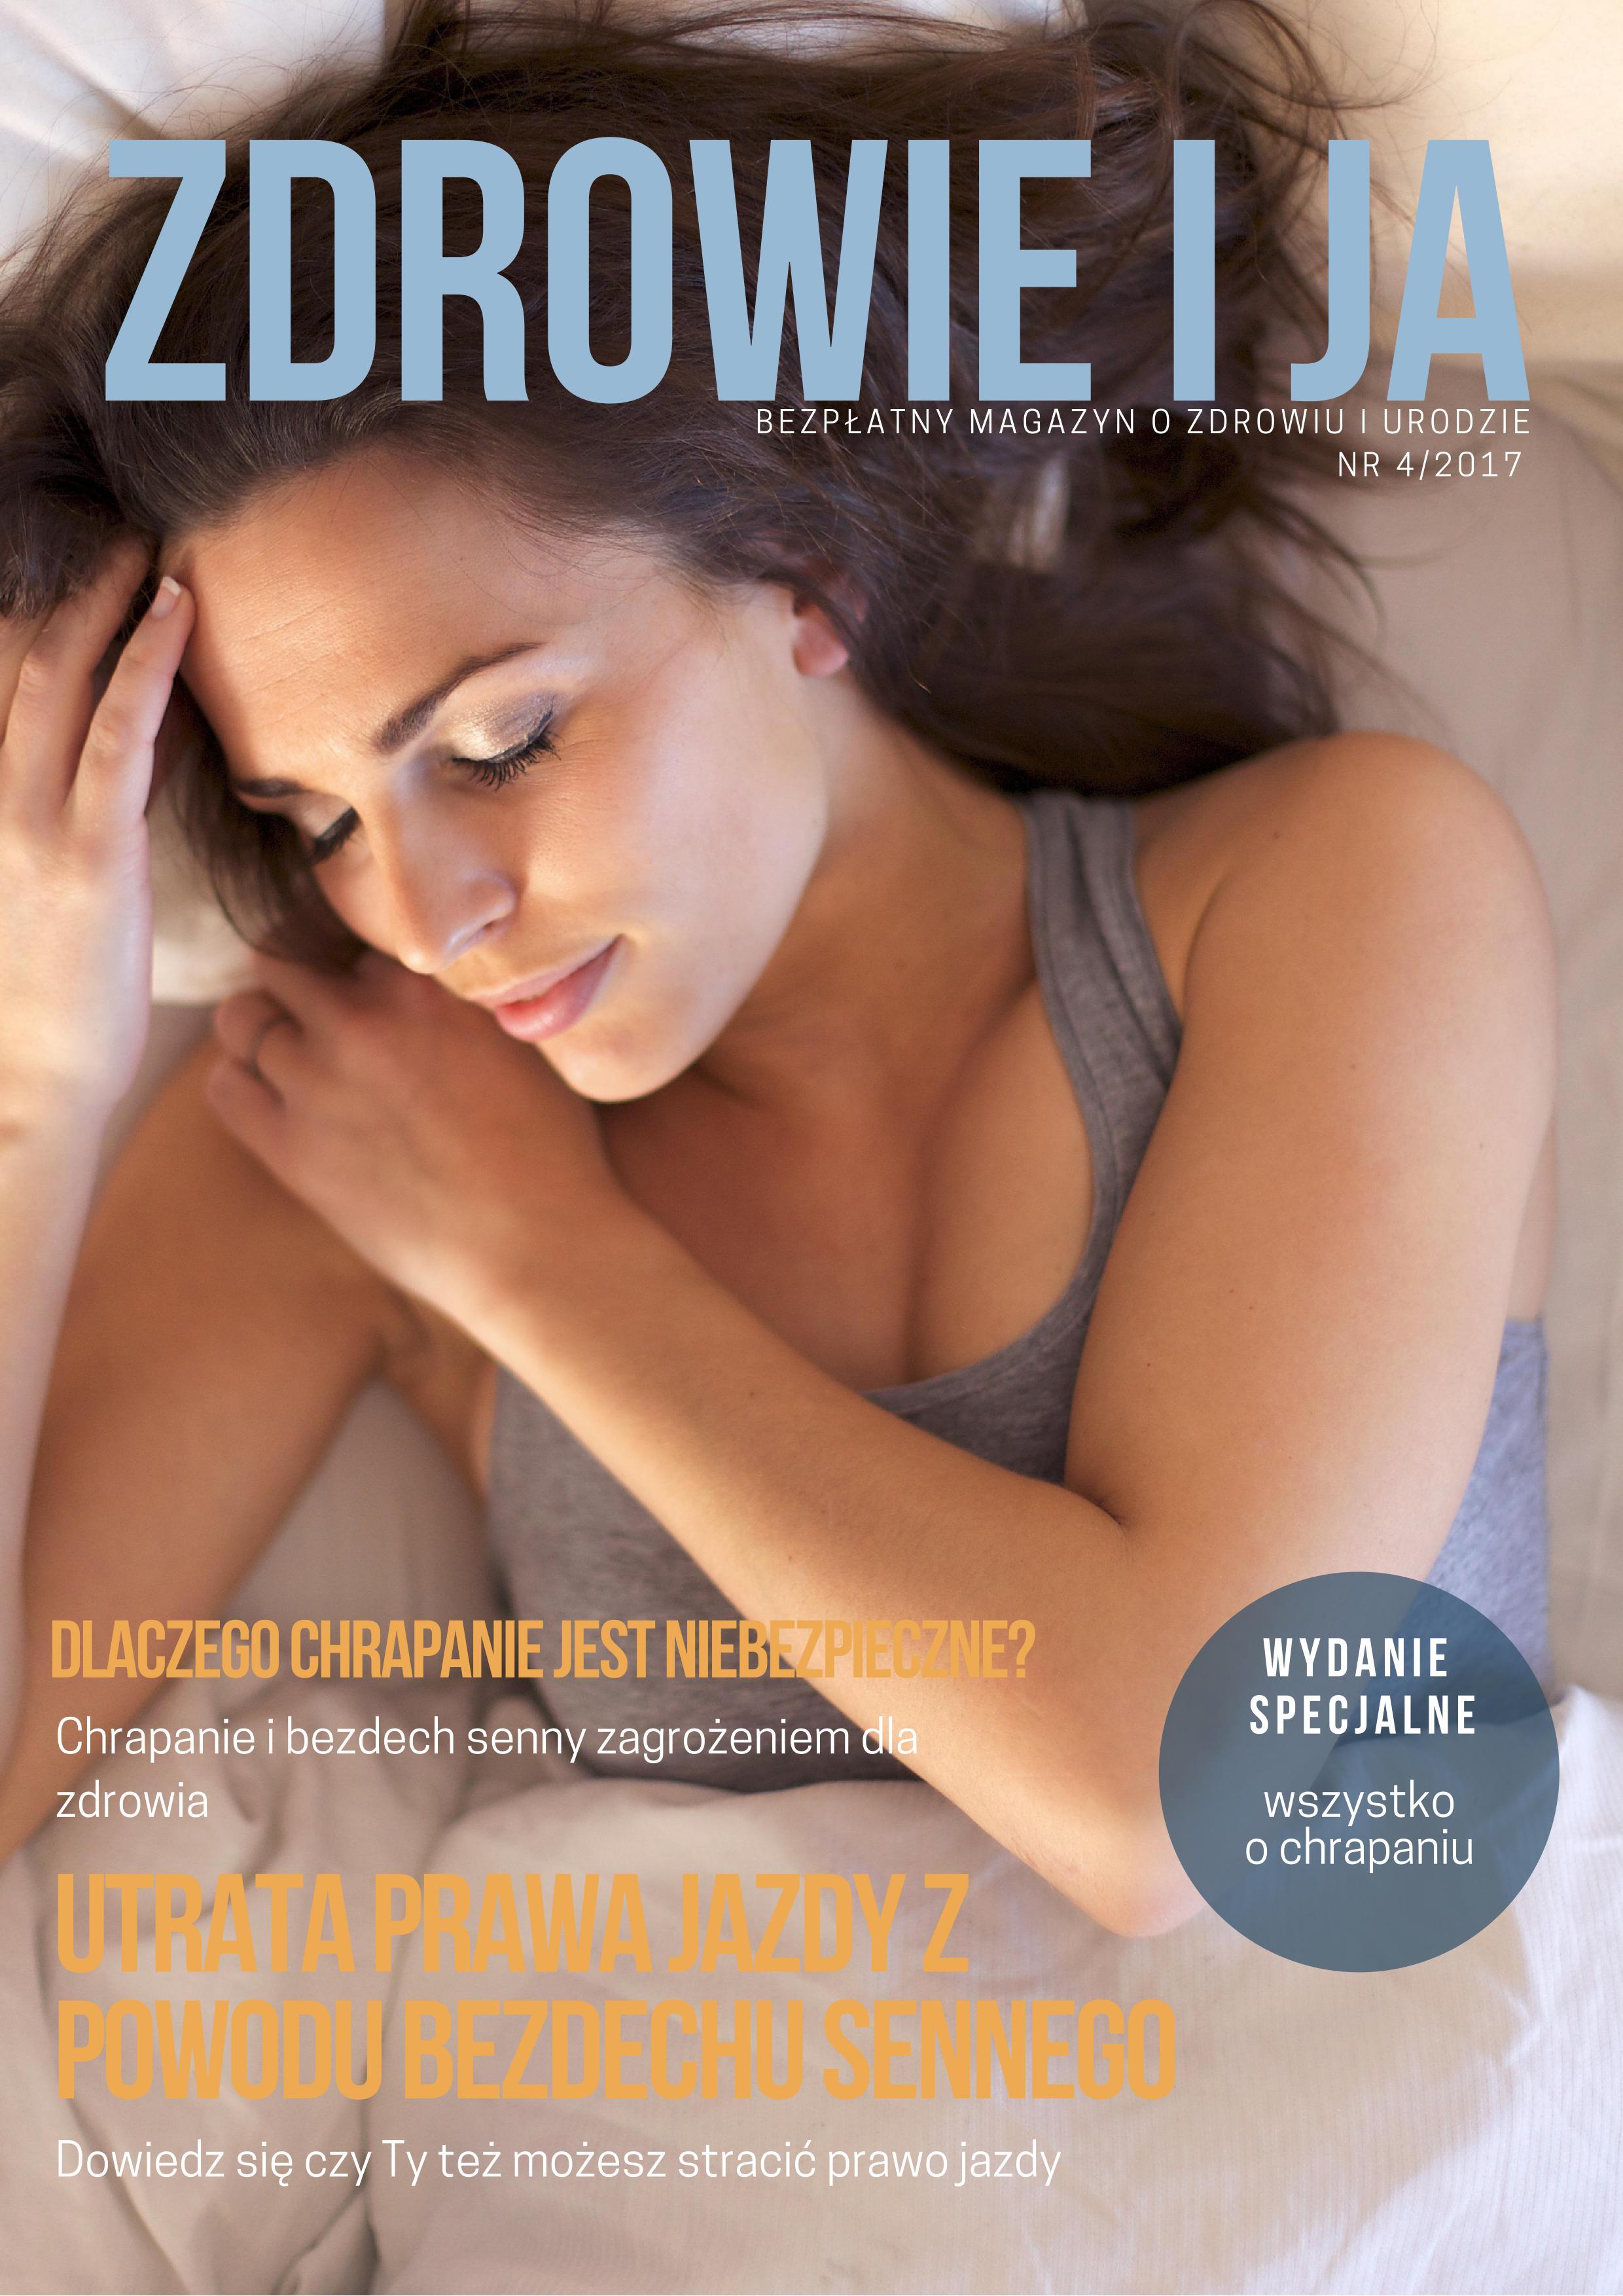 """Specjalne wydanie bezpłatnego magazynu ,,Zdrowie i ja"""" – Wszystko o chrapaniu"""